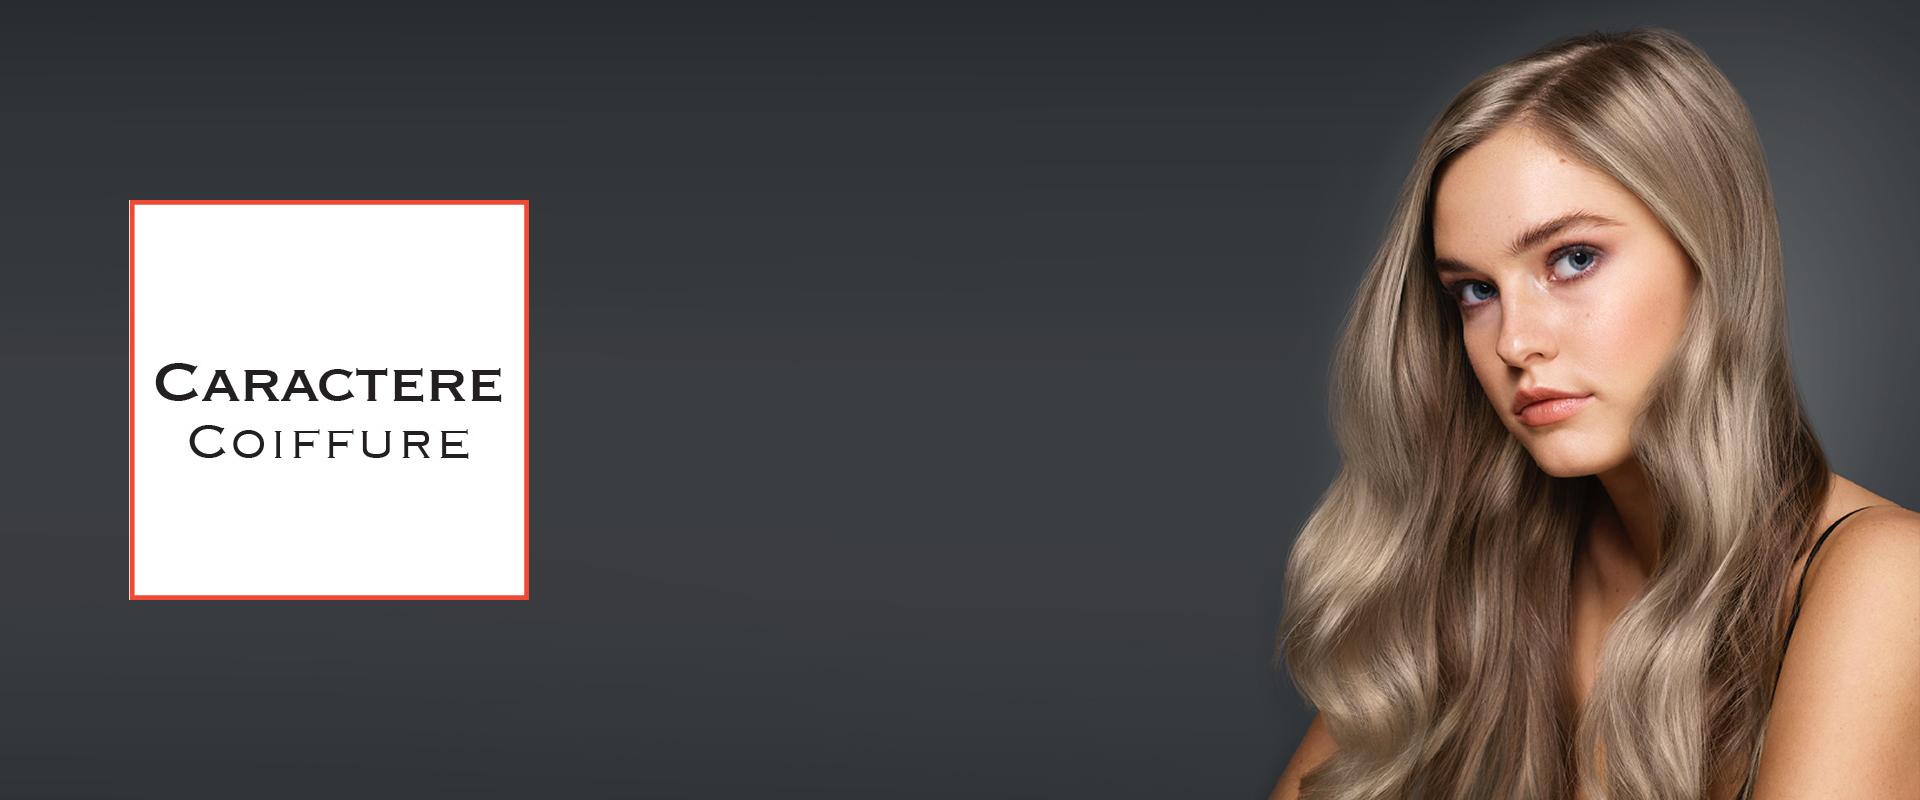 caractere-coiffure-slider2